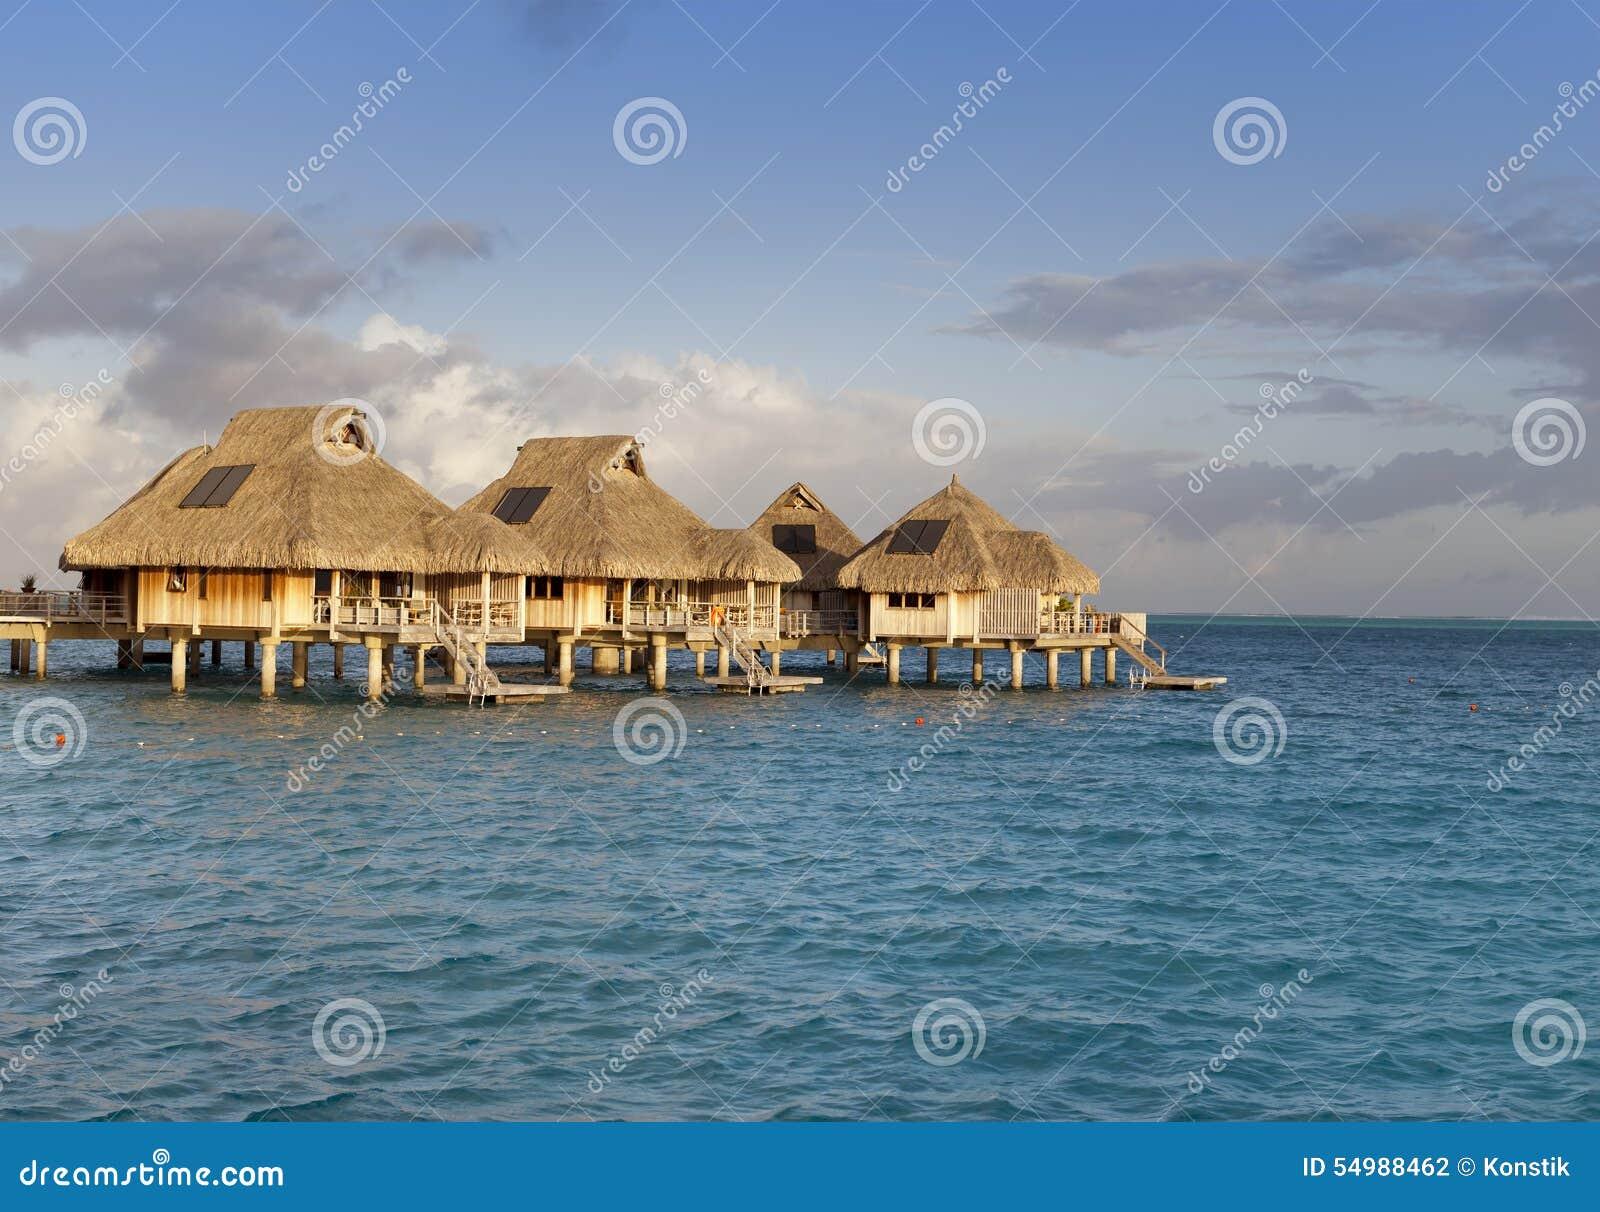 Paisaje Típico De Las Islas Tropicales - Chozas, Casas De Madera ...